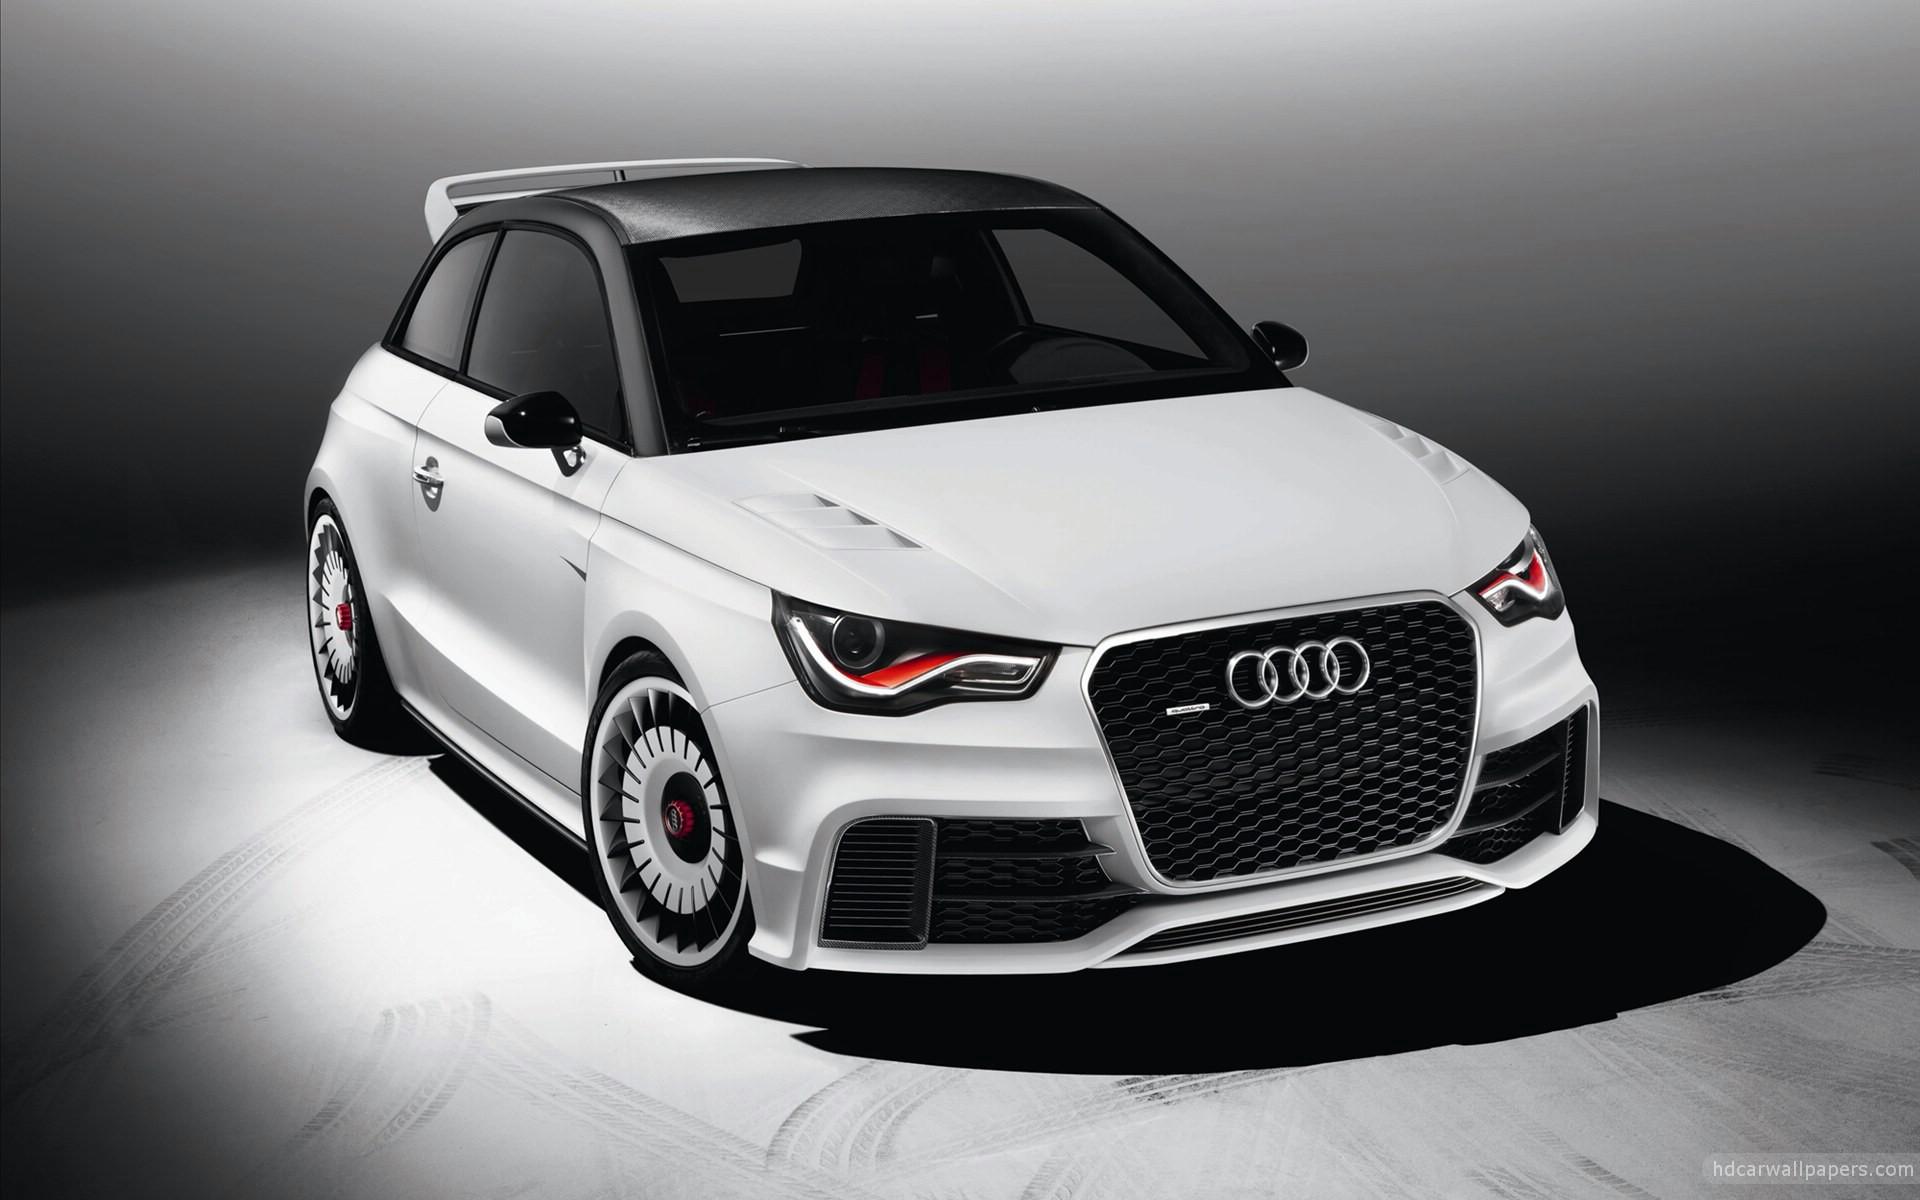 audi a1 neu - Audi A1 neu bilder